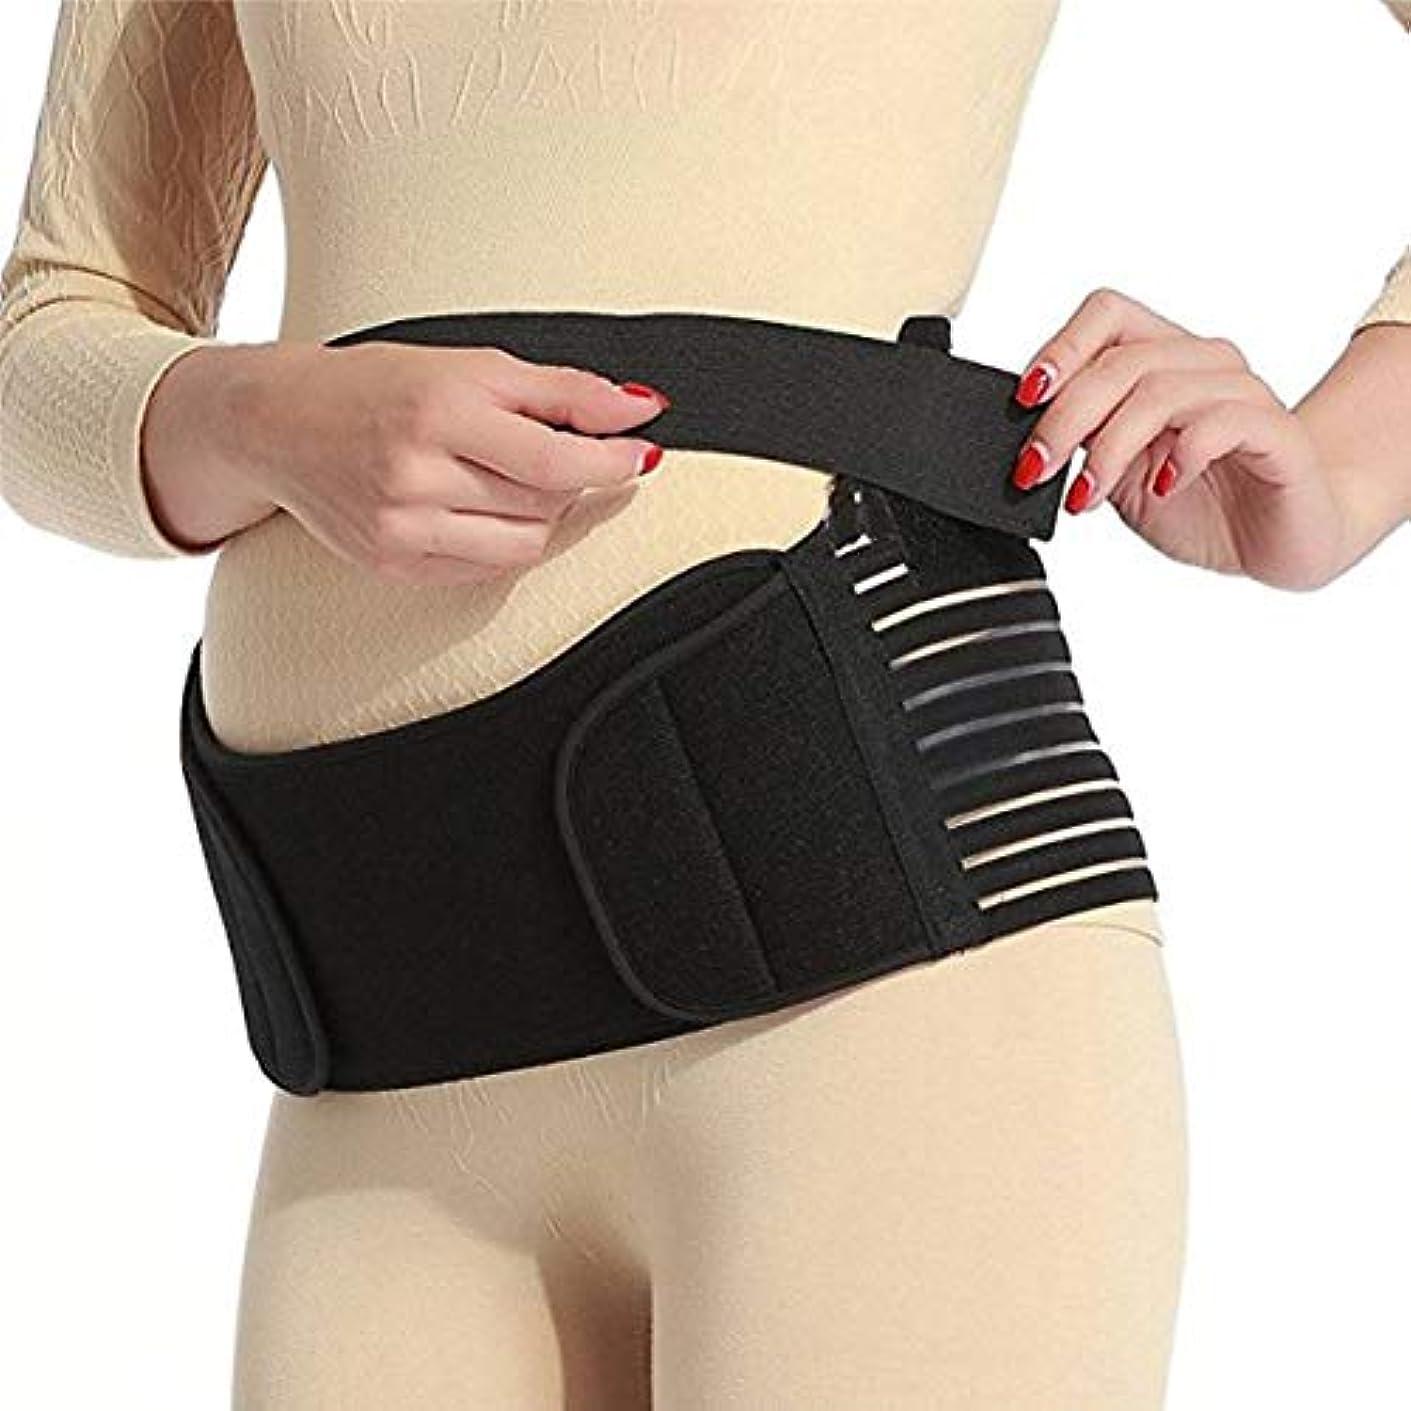 コメントたるみ指令通気性マタニティベルト妊娠中の腹部サポート腹部バインダーガードル運動包帯産後の回復shapewear - ブラックM